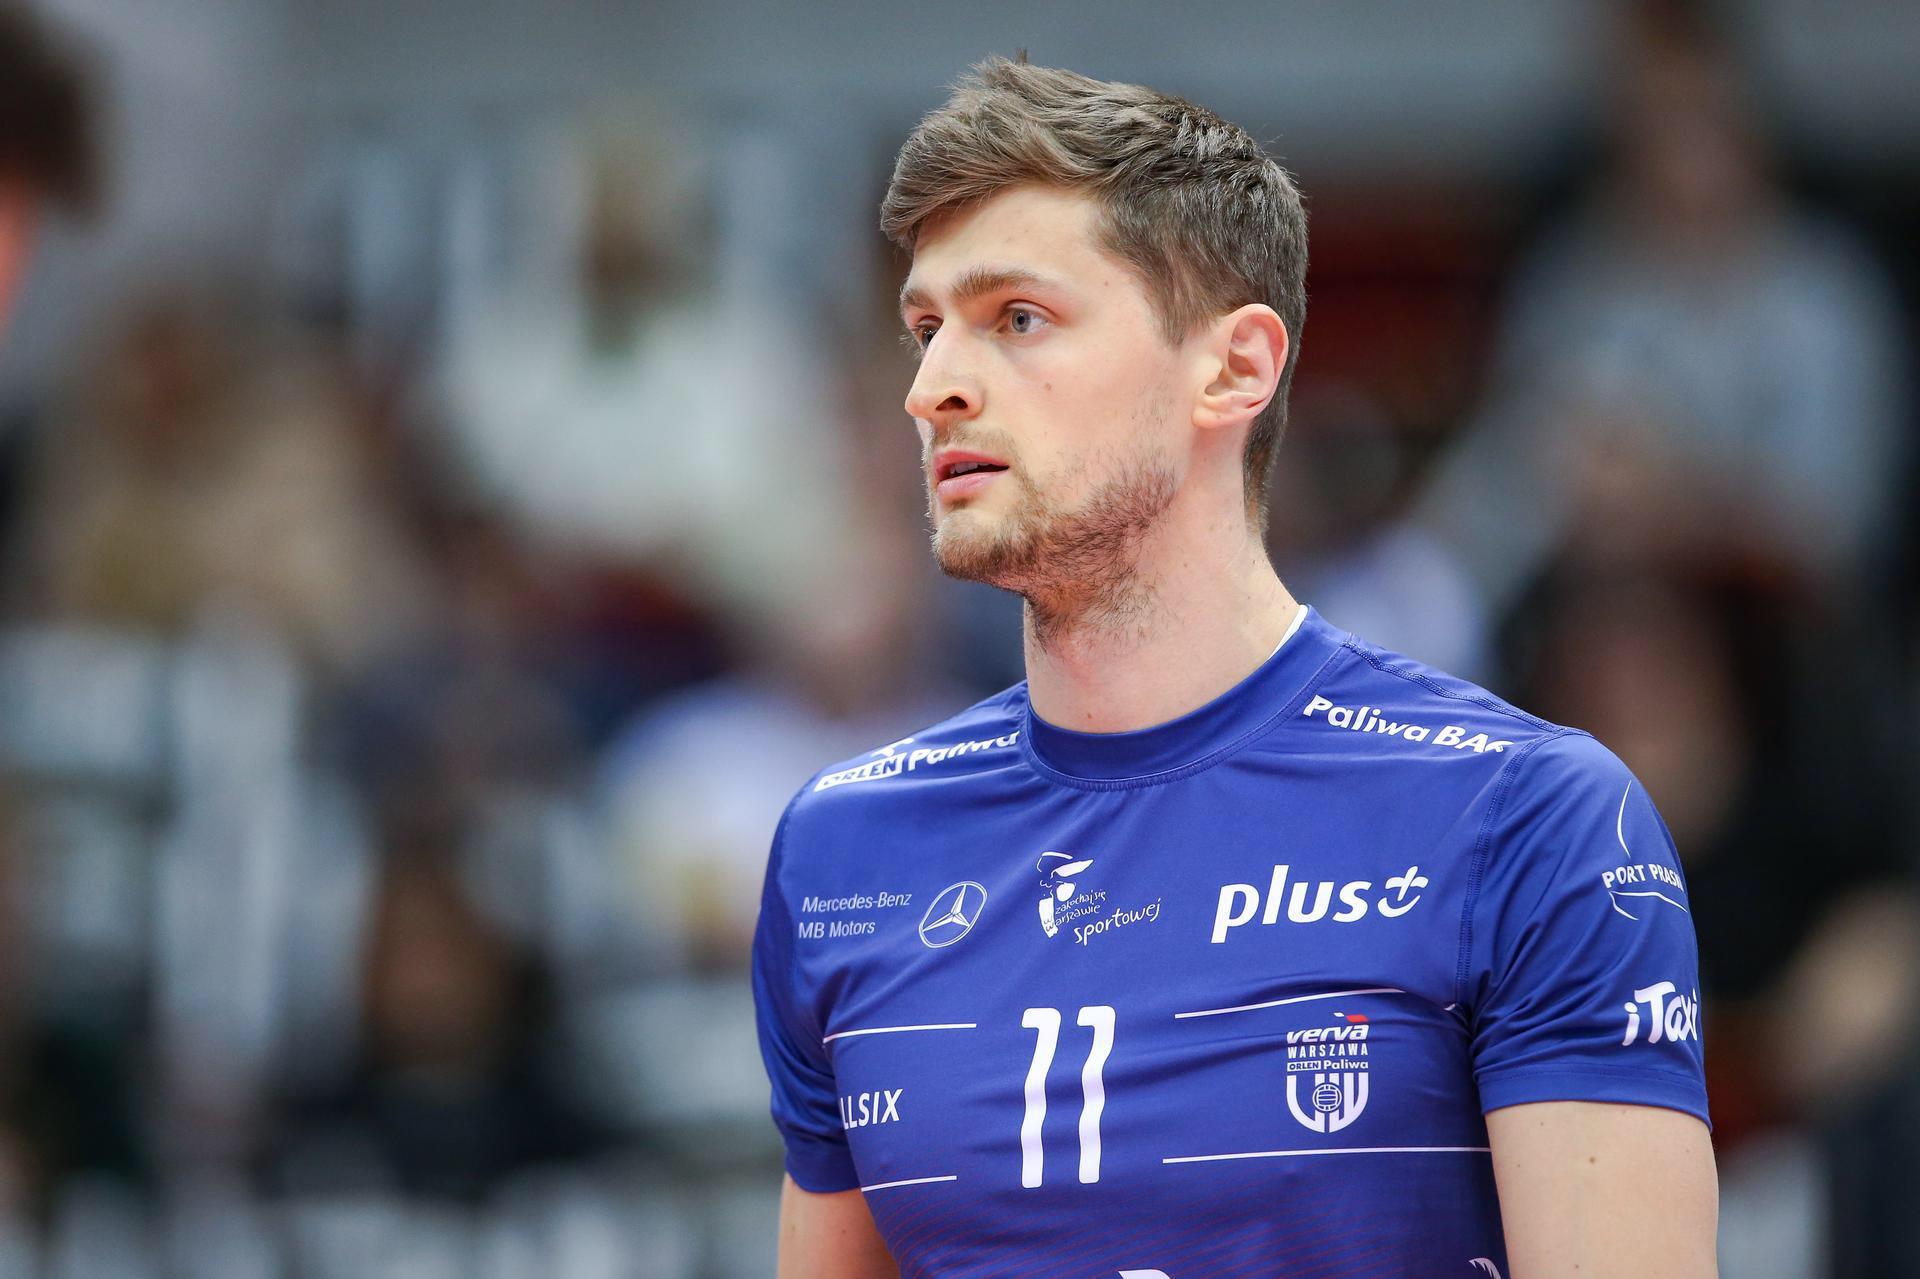 Poland: Nowakowski in Warszawa 2 more seasons